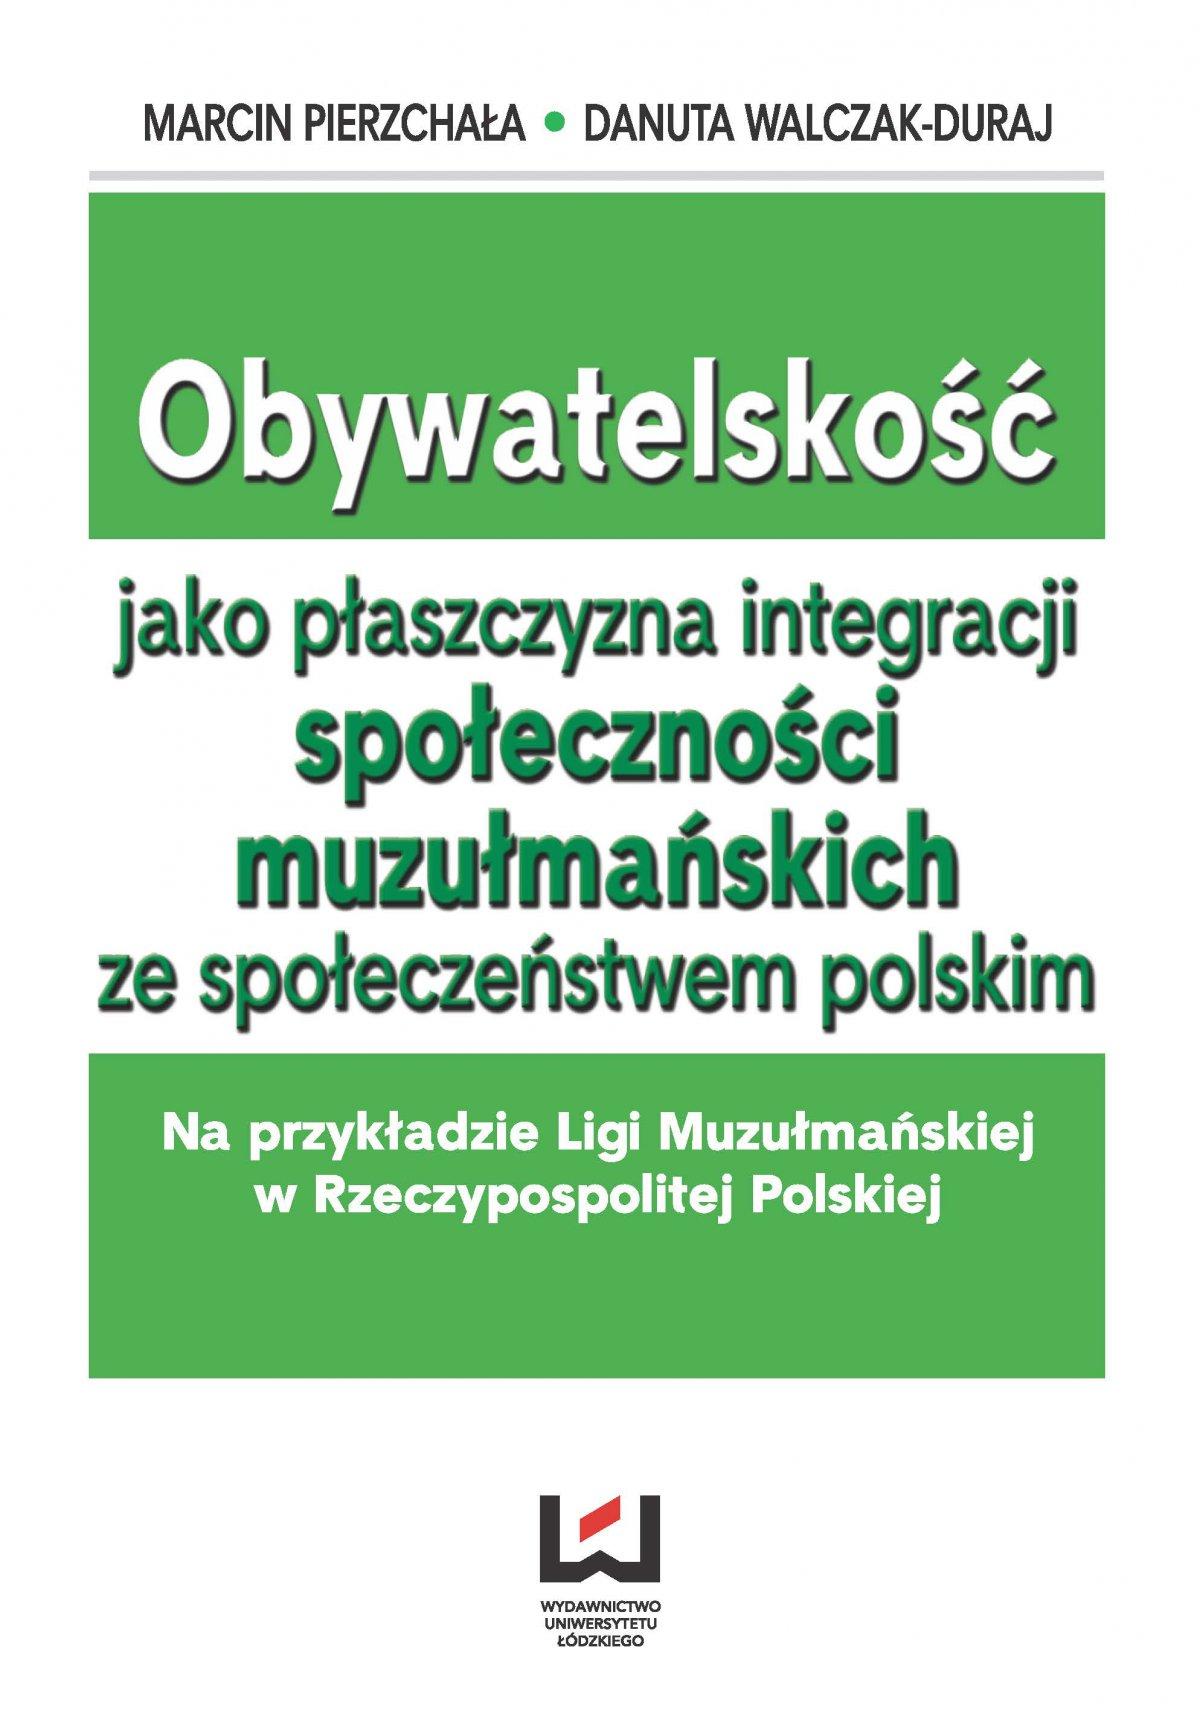 Obywatelskość jako płaszczyzna integracji społeczności muzłumańskich ze społeczeństwem polskim. Na przykładzie Ligi Muzułmańskiej w Rzeczypospolitej Polskiej - Ebook (Książka PDF) do pobrania w formacie PDF